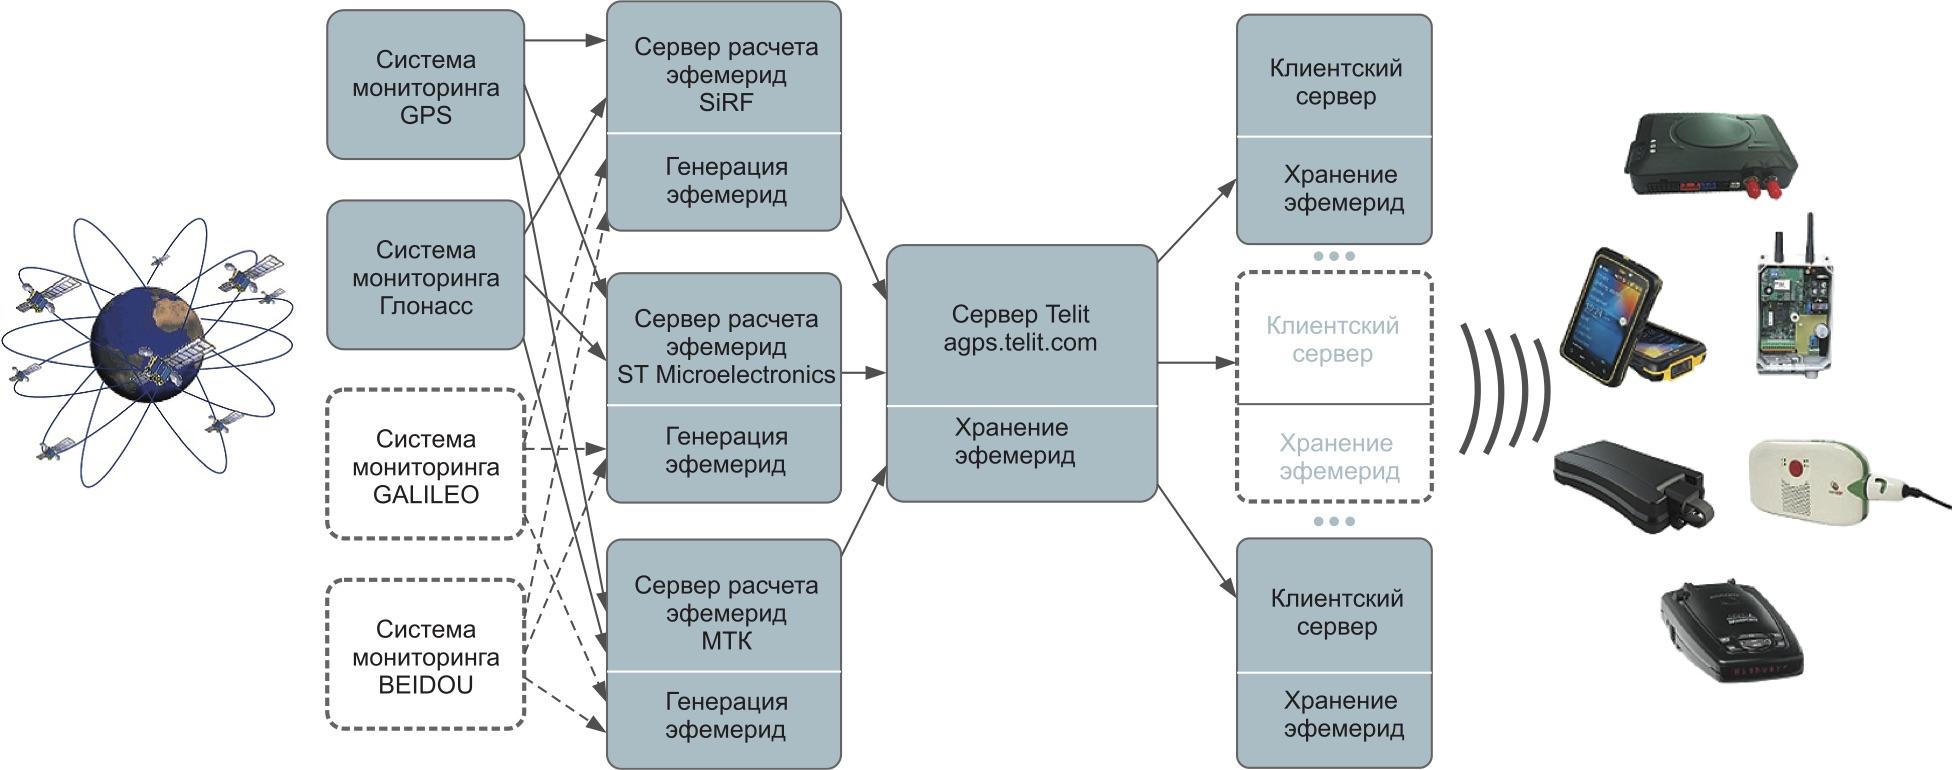 Сервер agps.telit.com и взаимодействие с ним